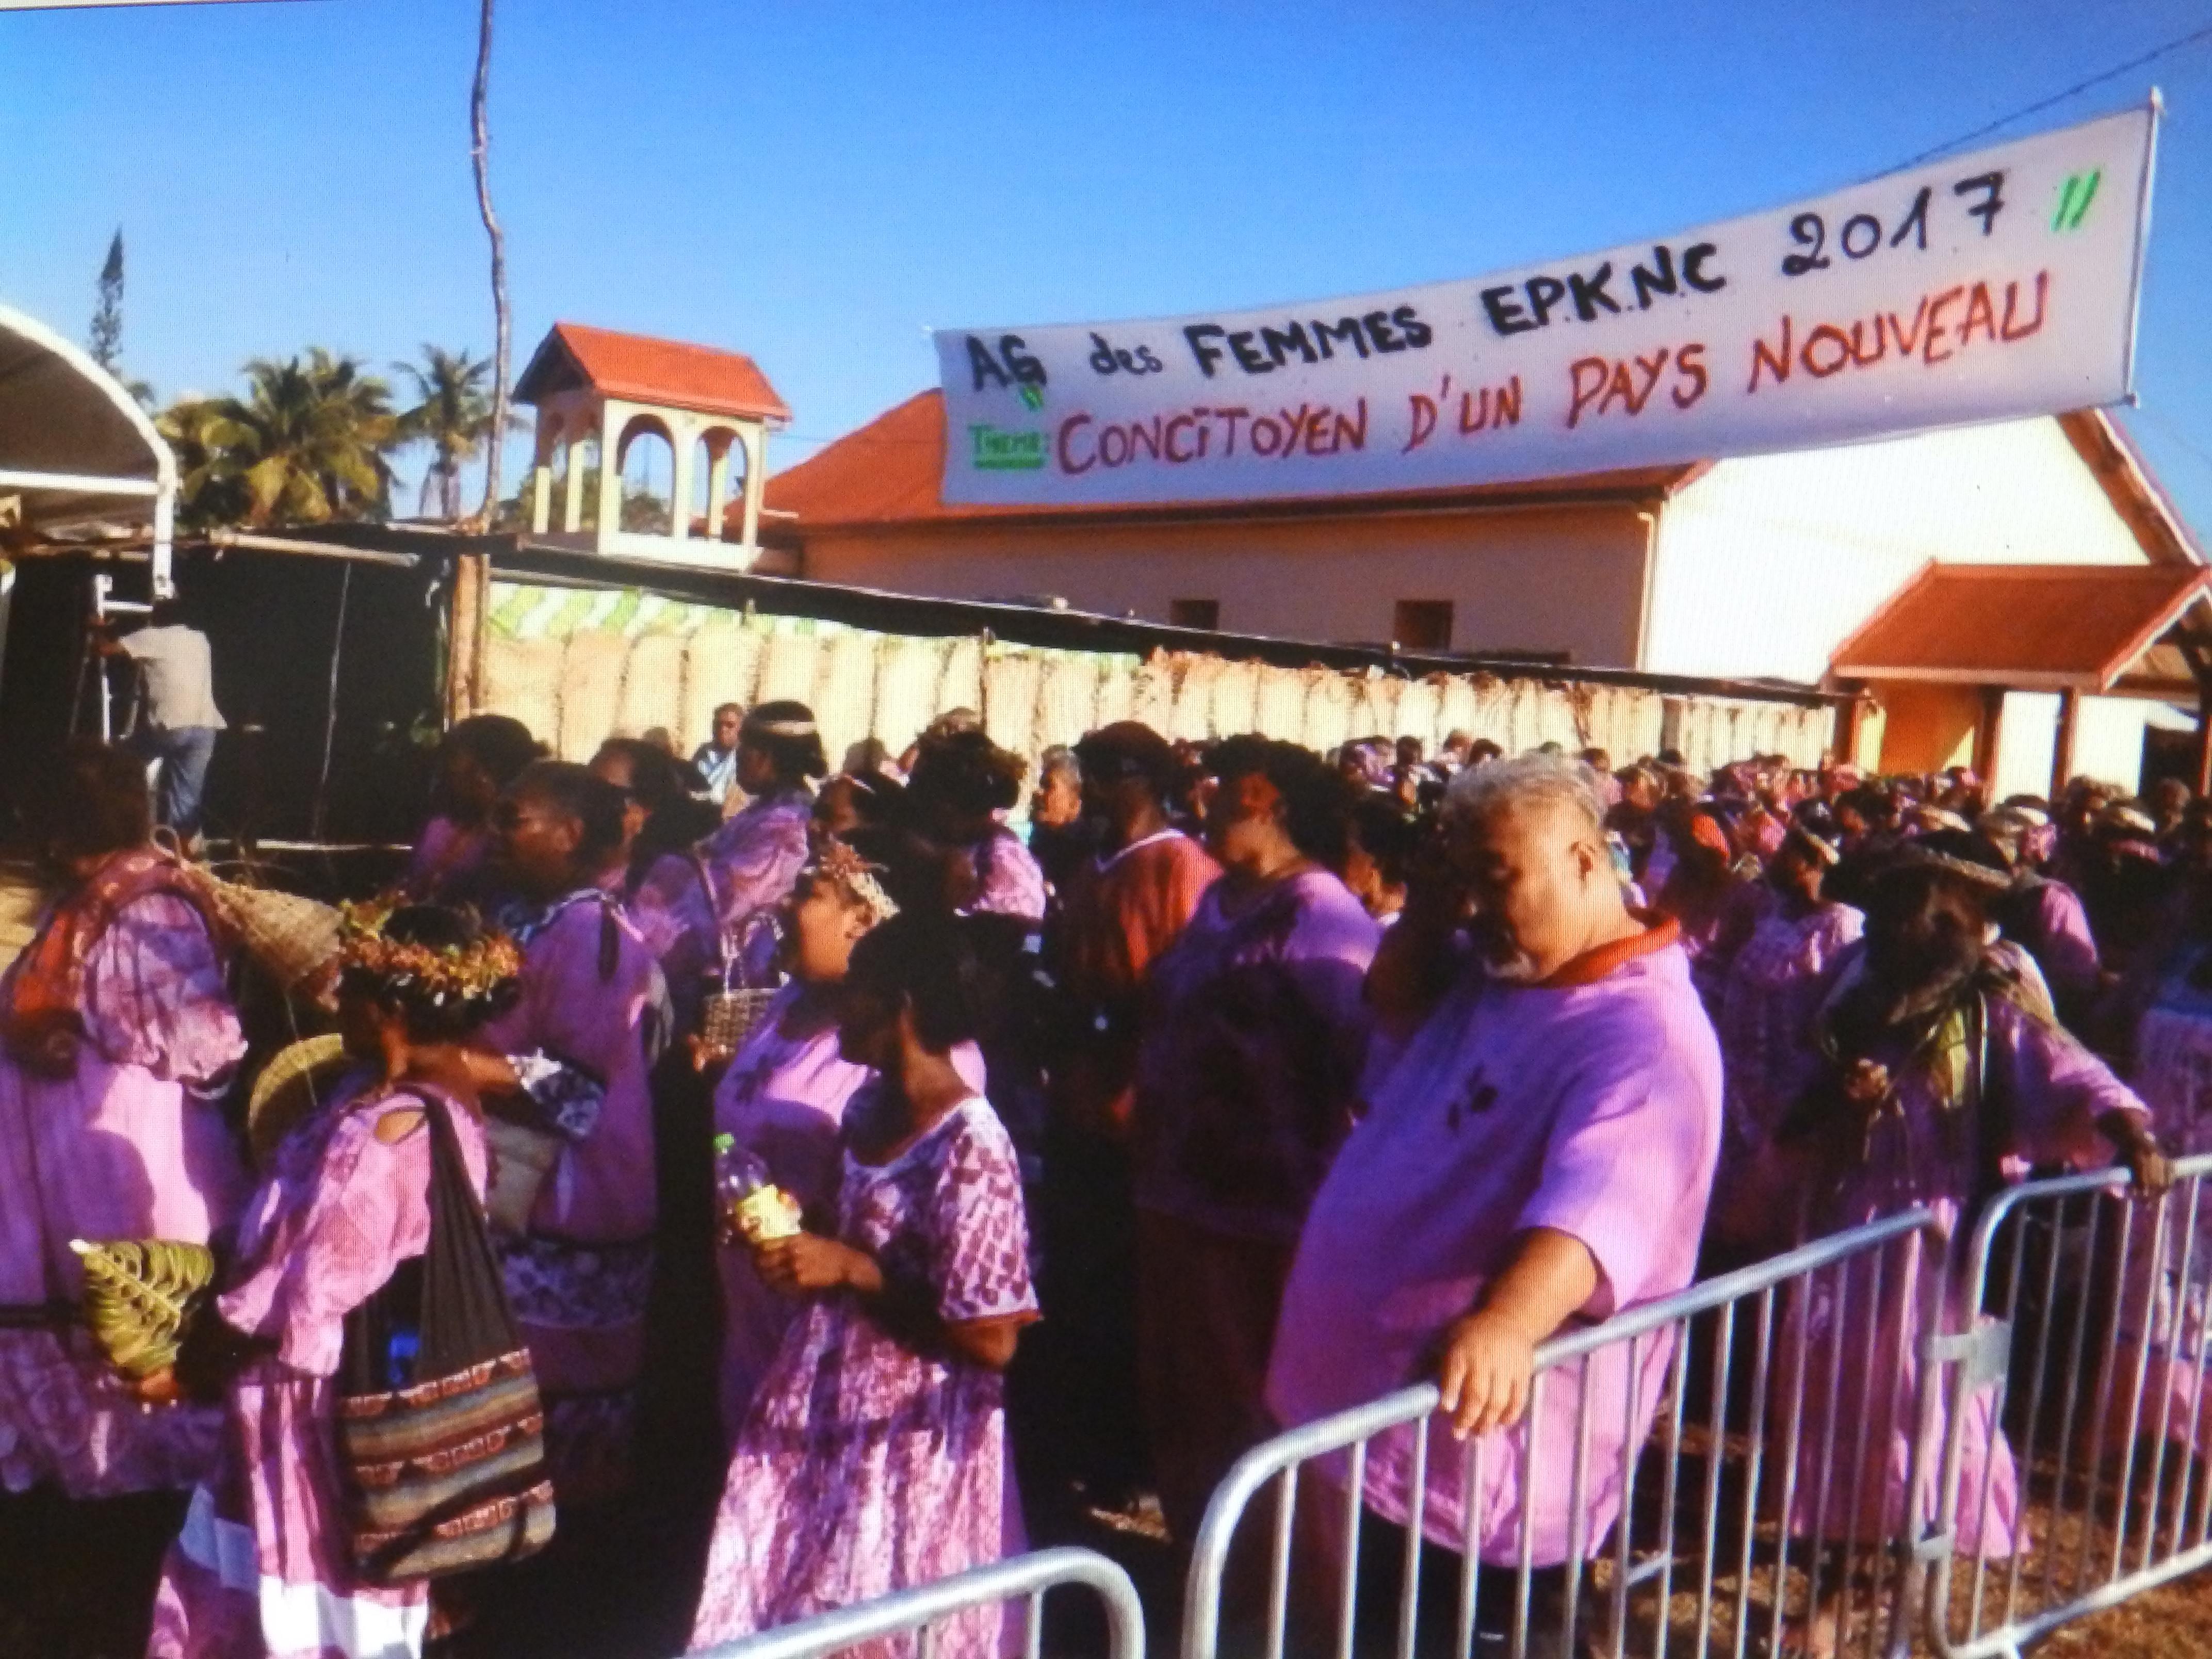 Les délégations des Régions de Momaawe, Iaai et de Nengone franchissent l'arc de triomphe